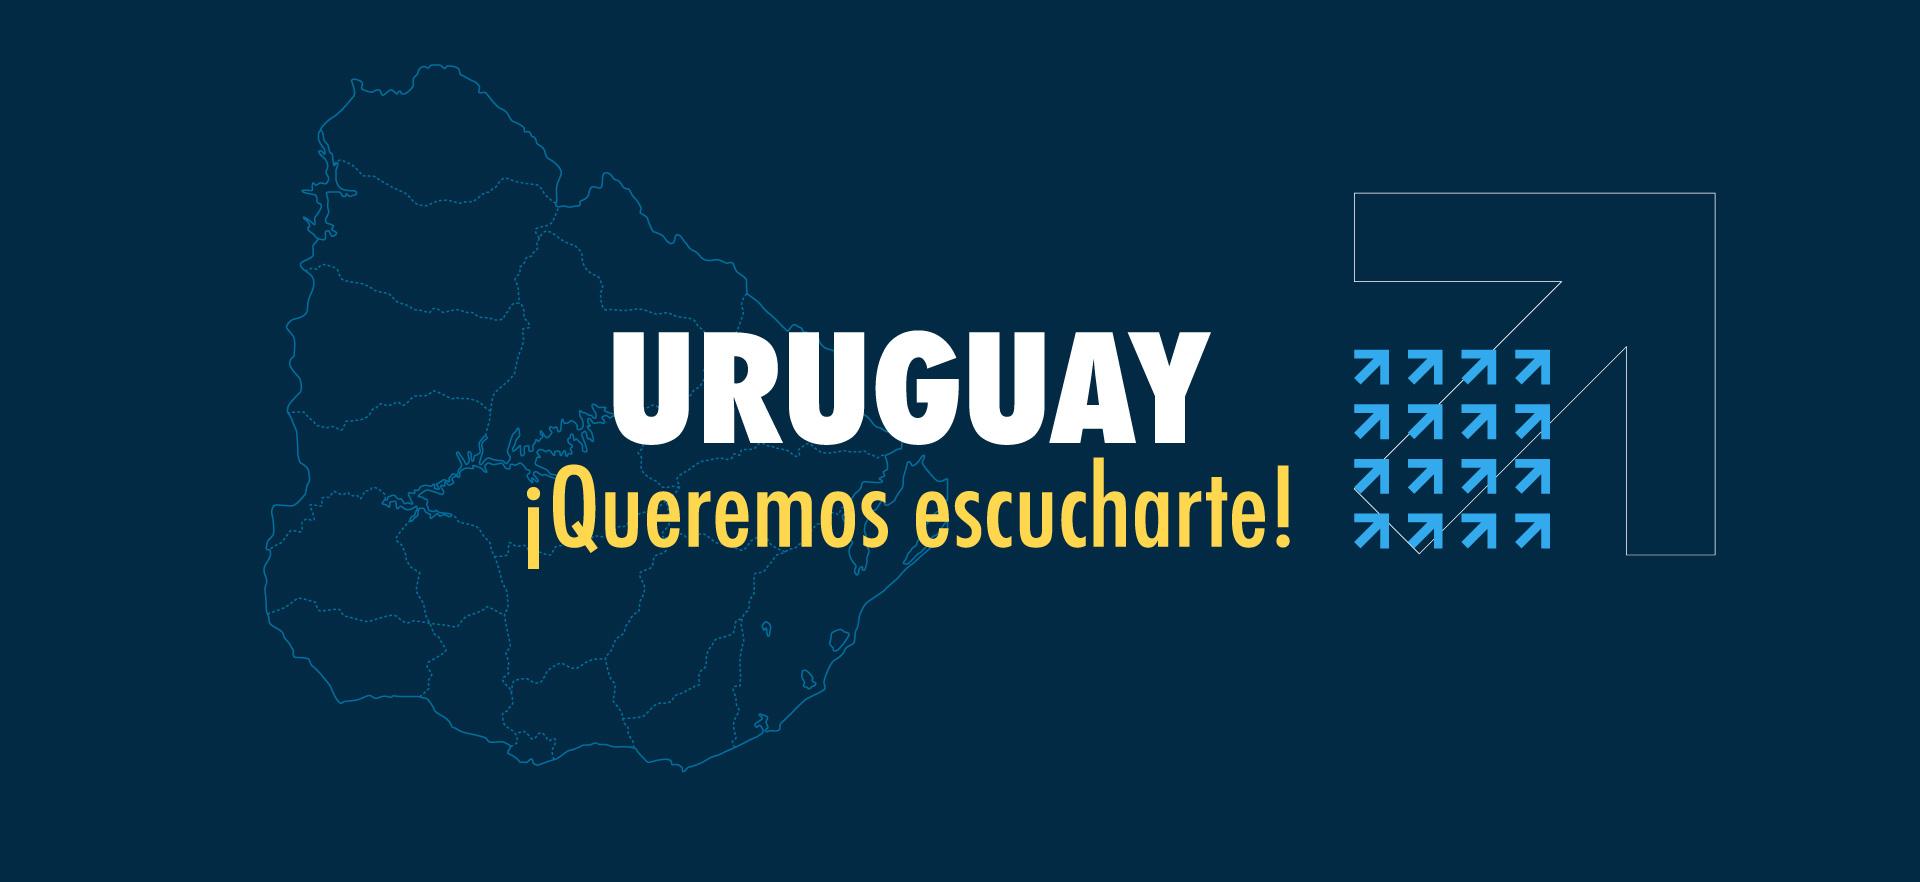 Foto con mapa de Uruguay